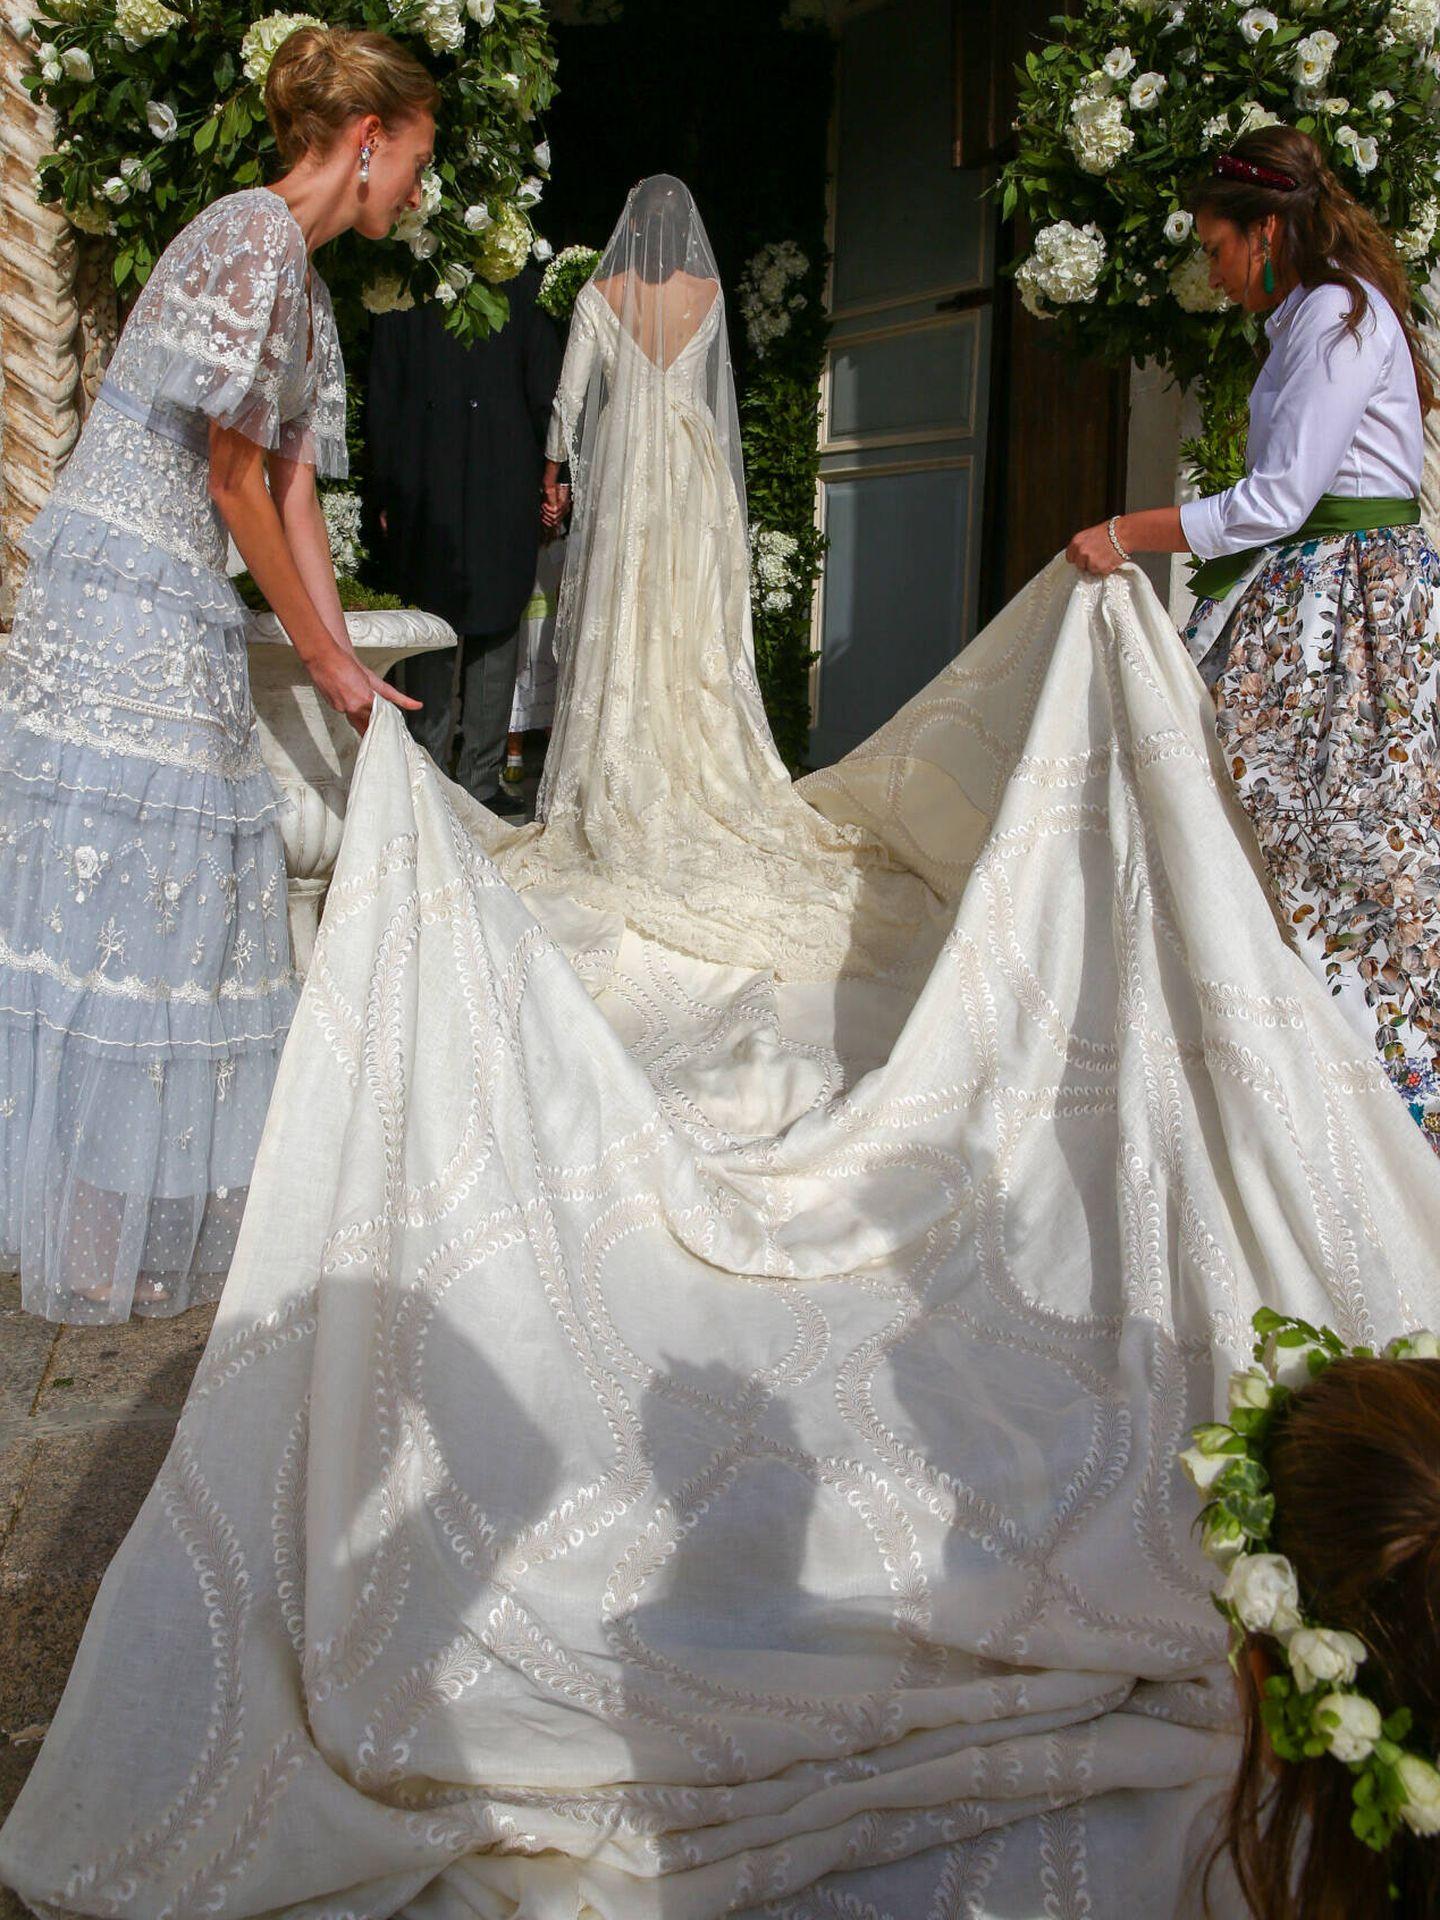 El vestido de novia con su larga cola. (Gtres)